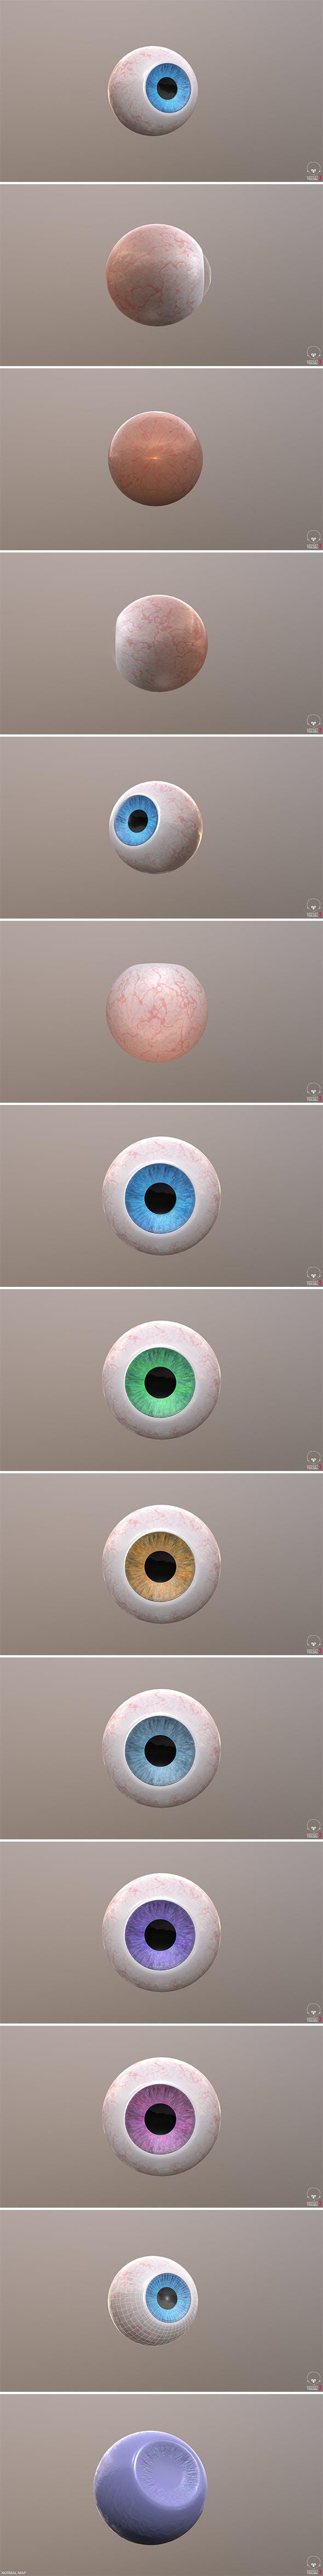 Pack Eyeball - 3DOcean Item for Sale